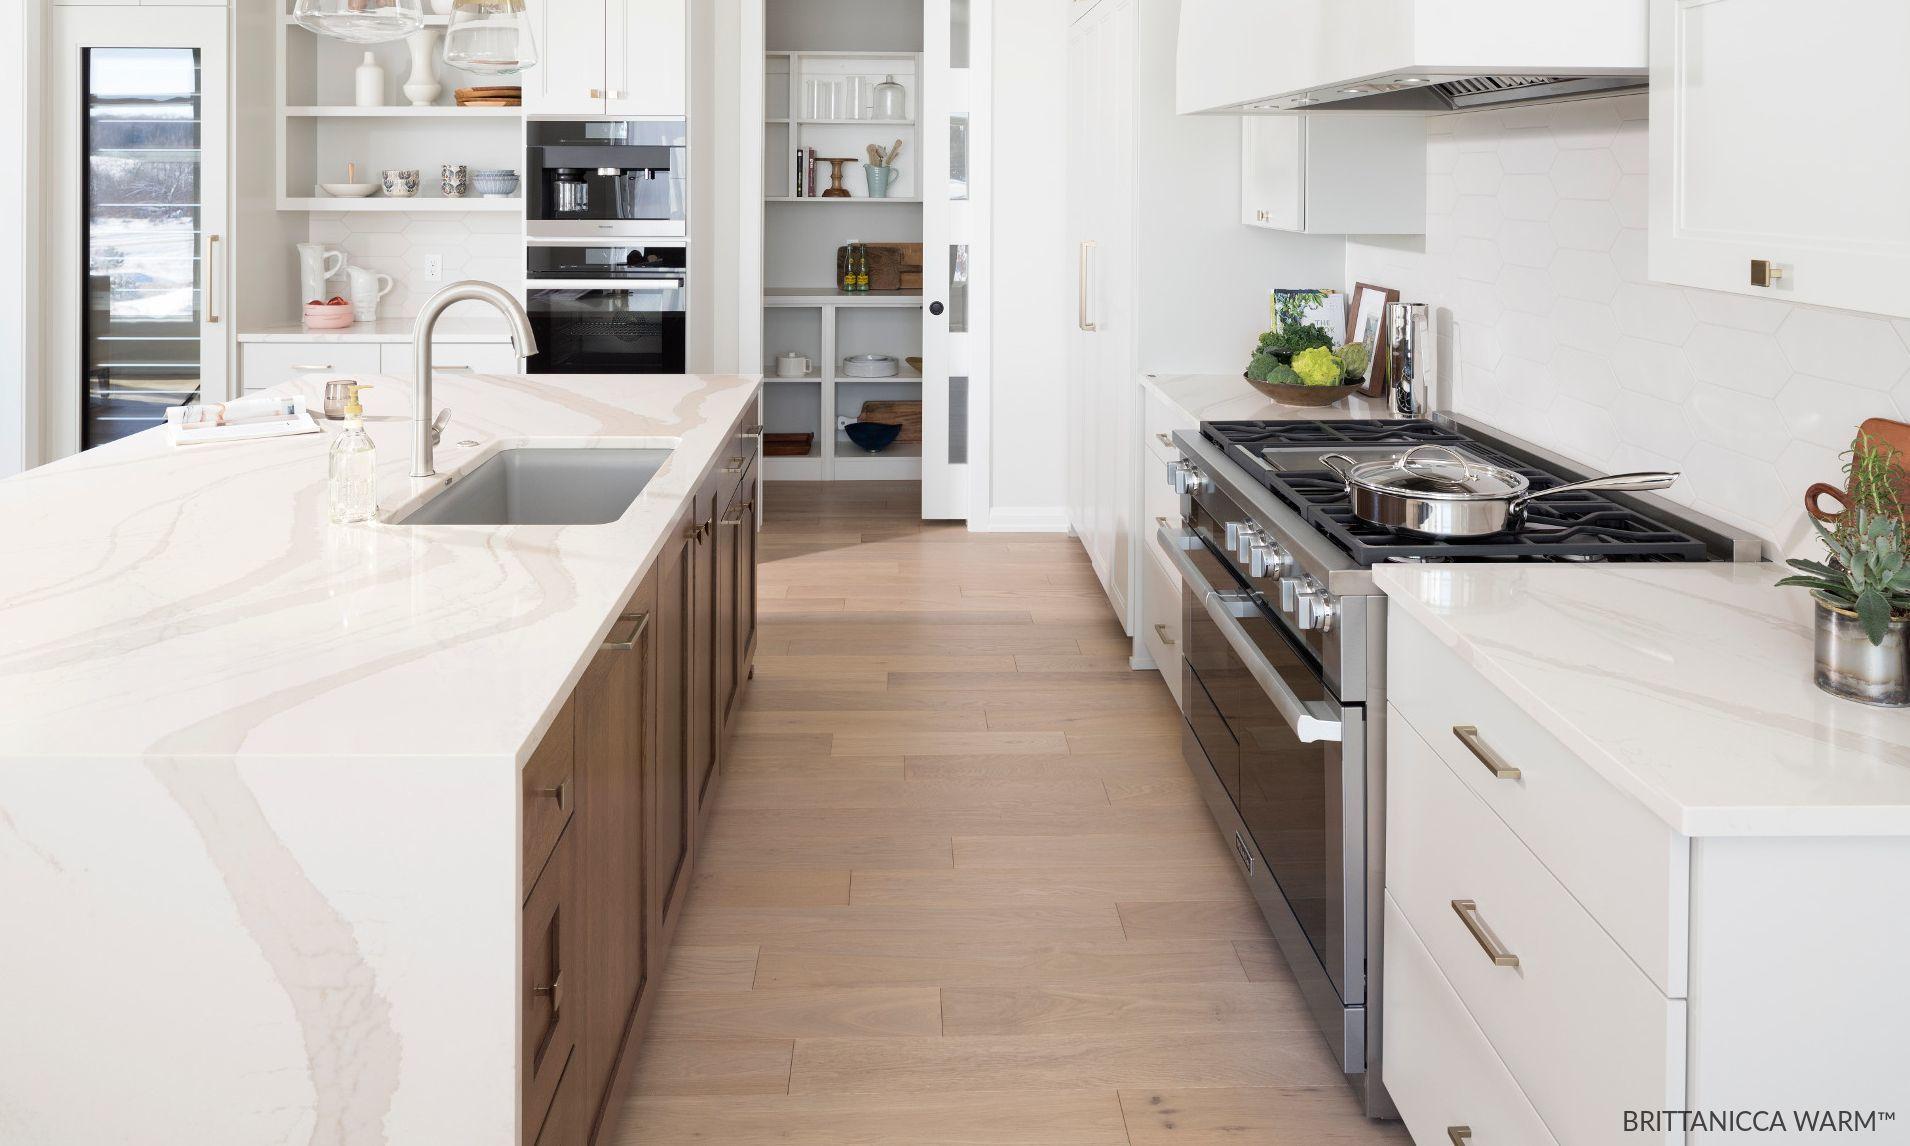 Cambria-Brittanicca-warm-Quartz-Countertop-Kitchen